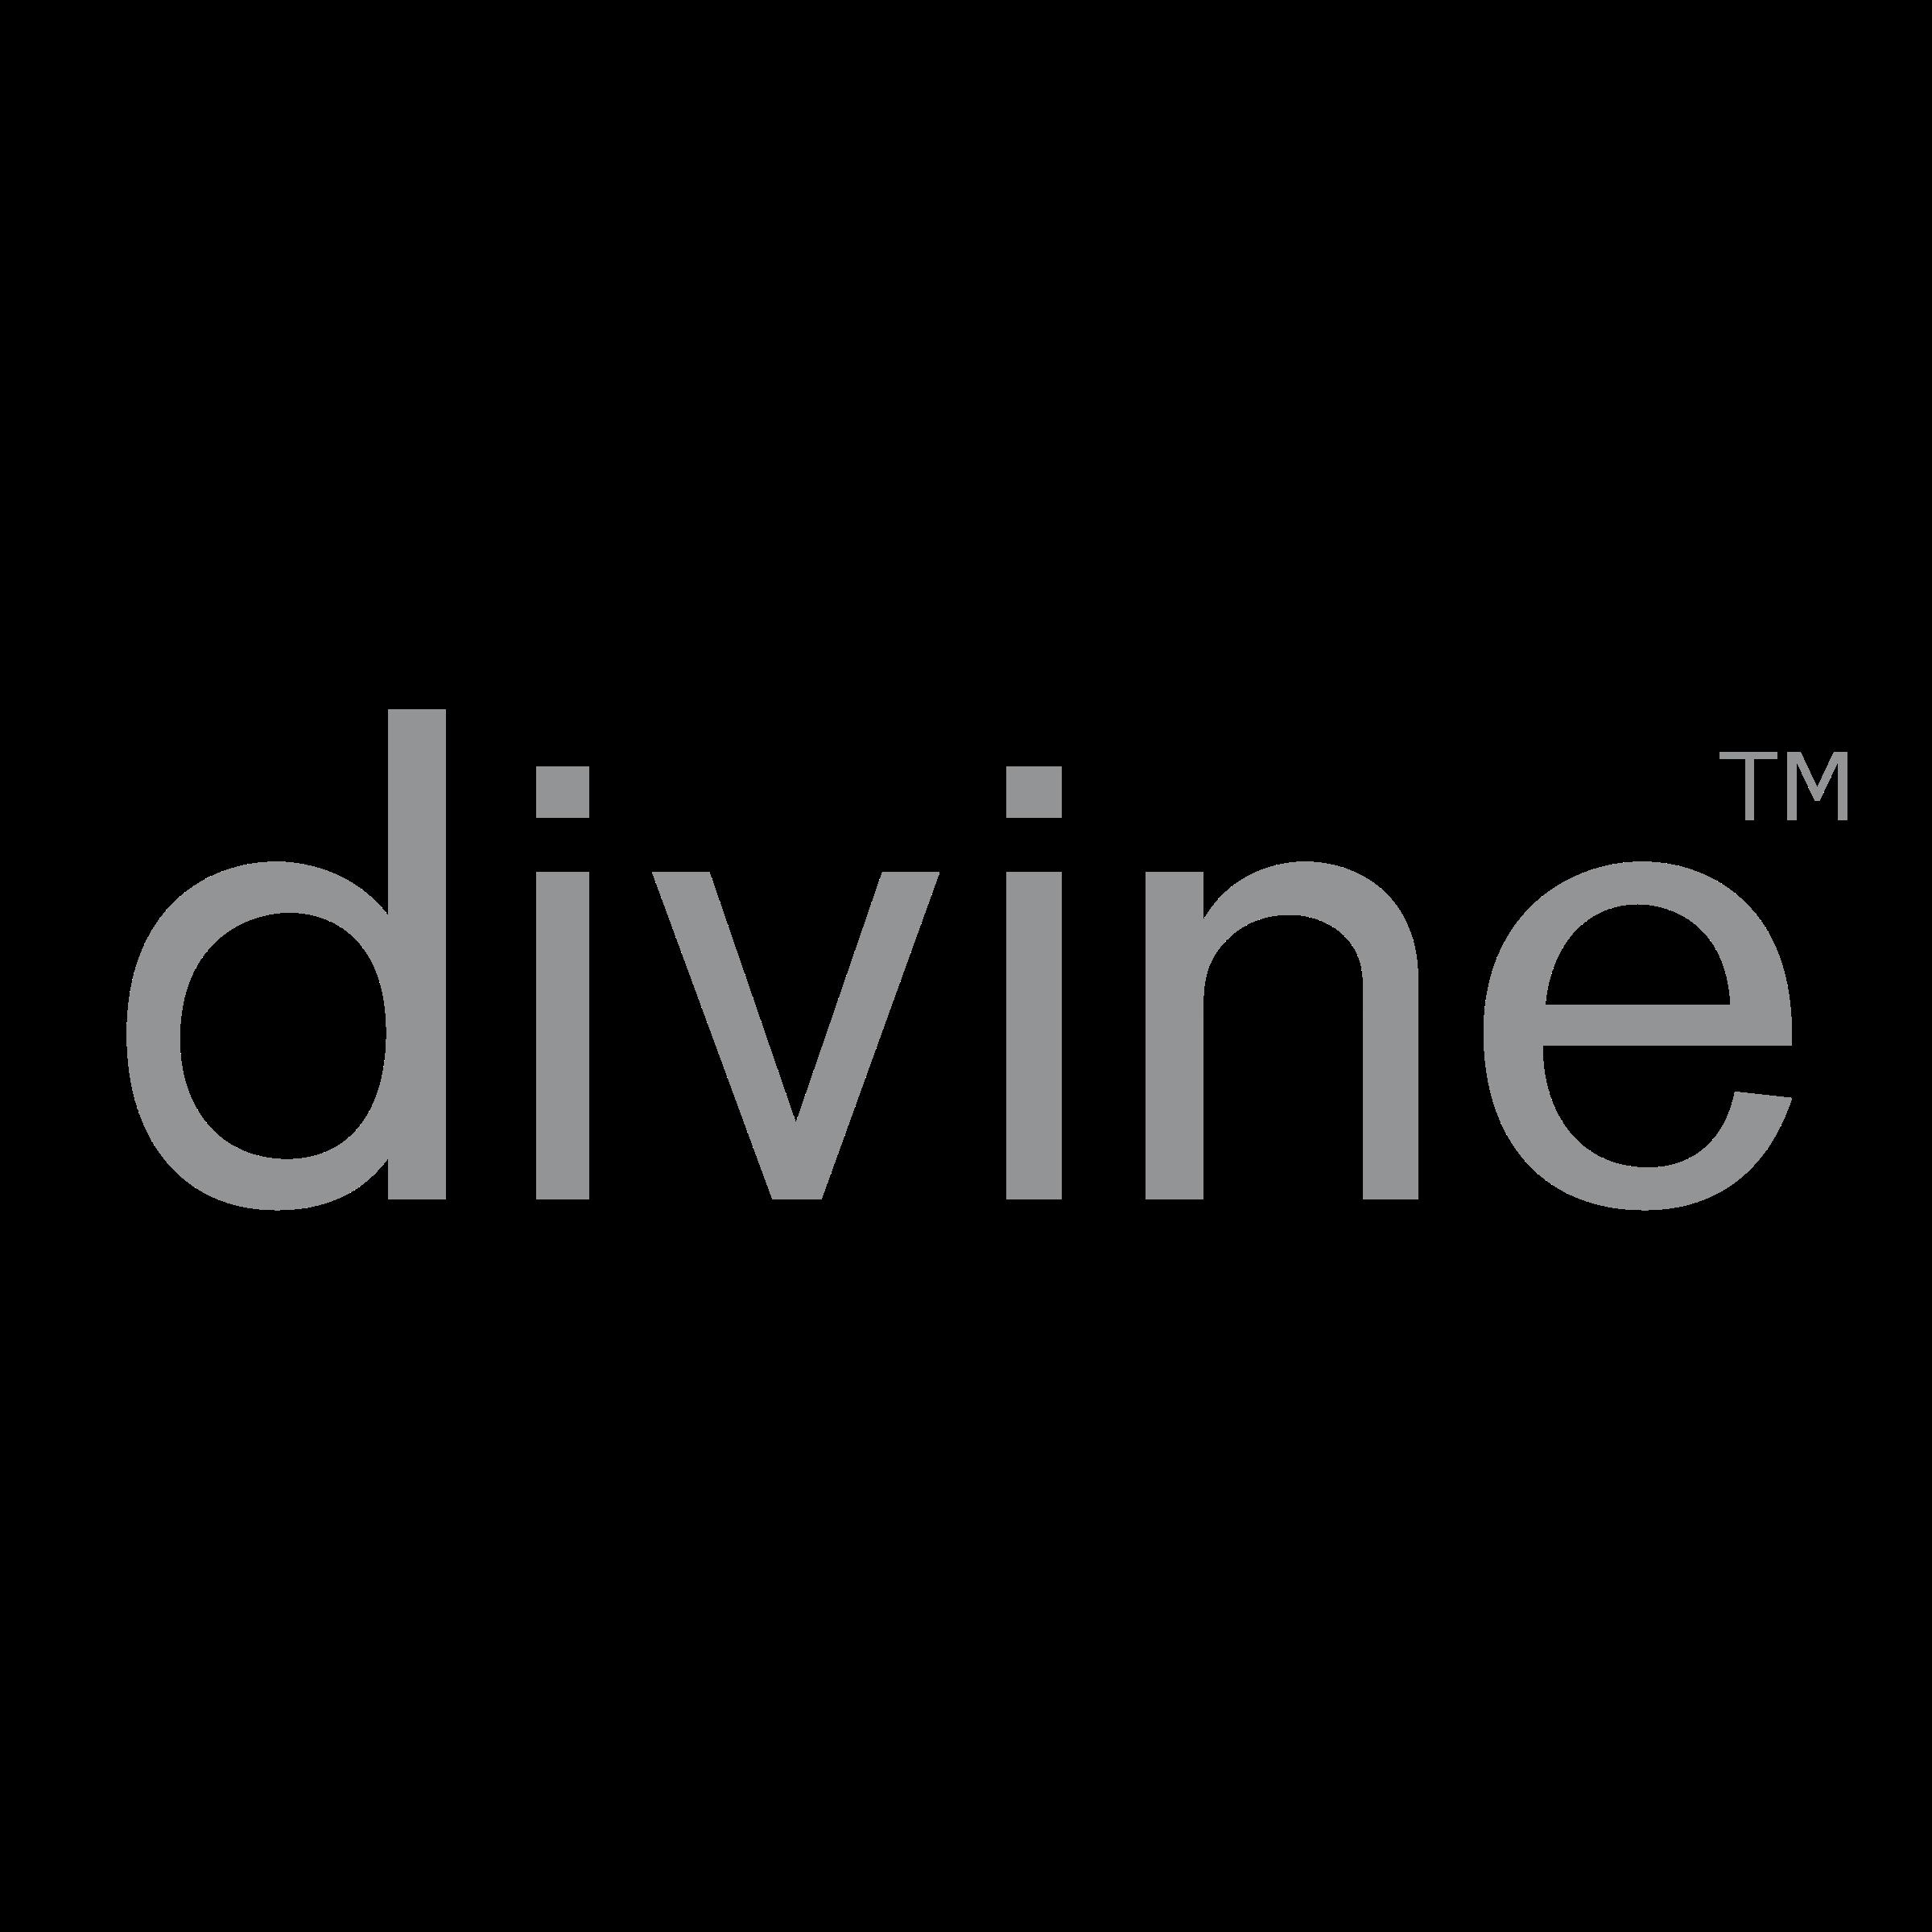 Divine Logo PNG Transparent & SVG Vector.